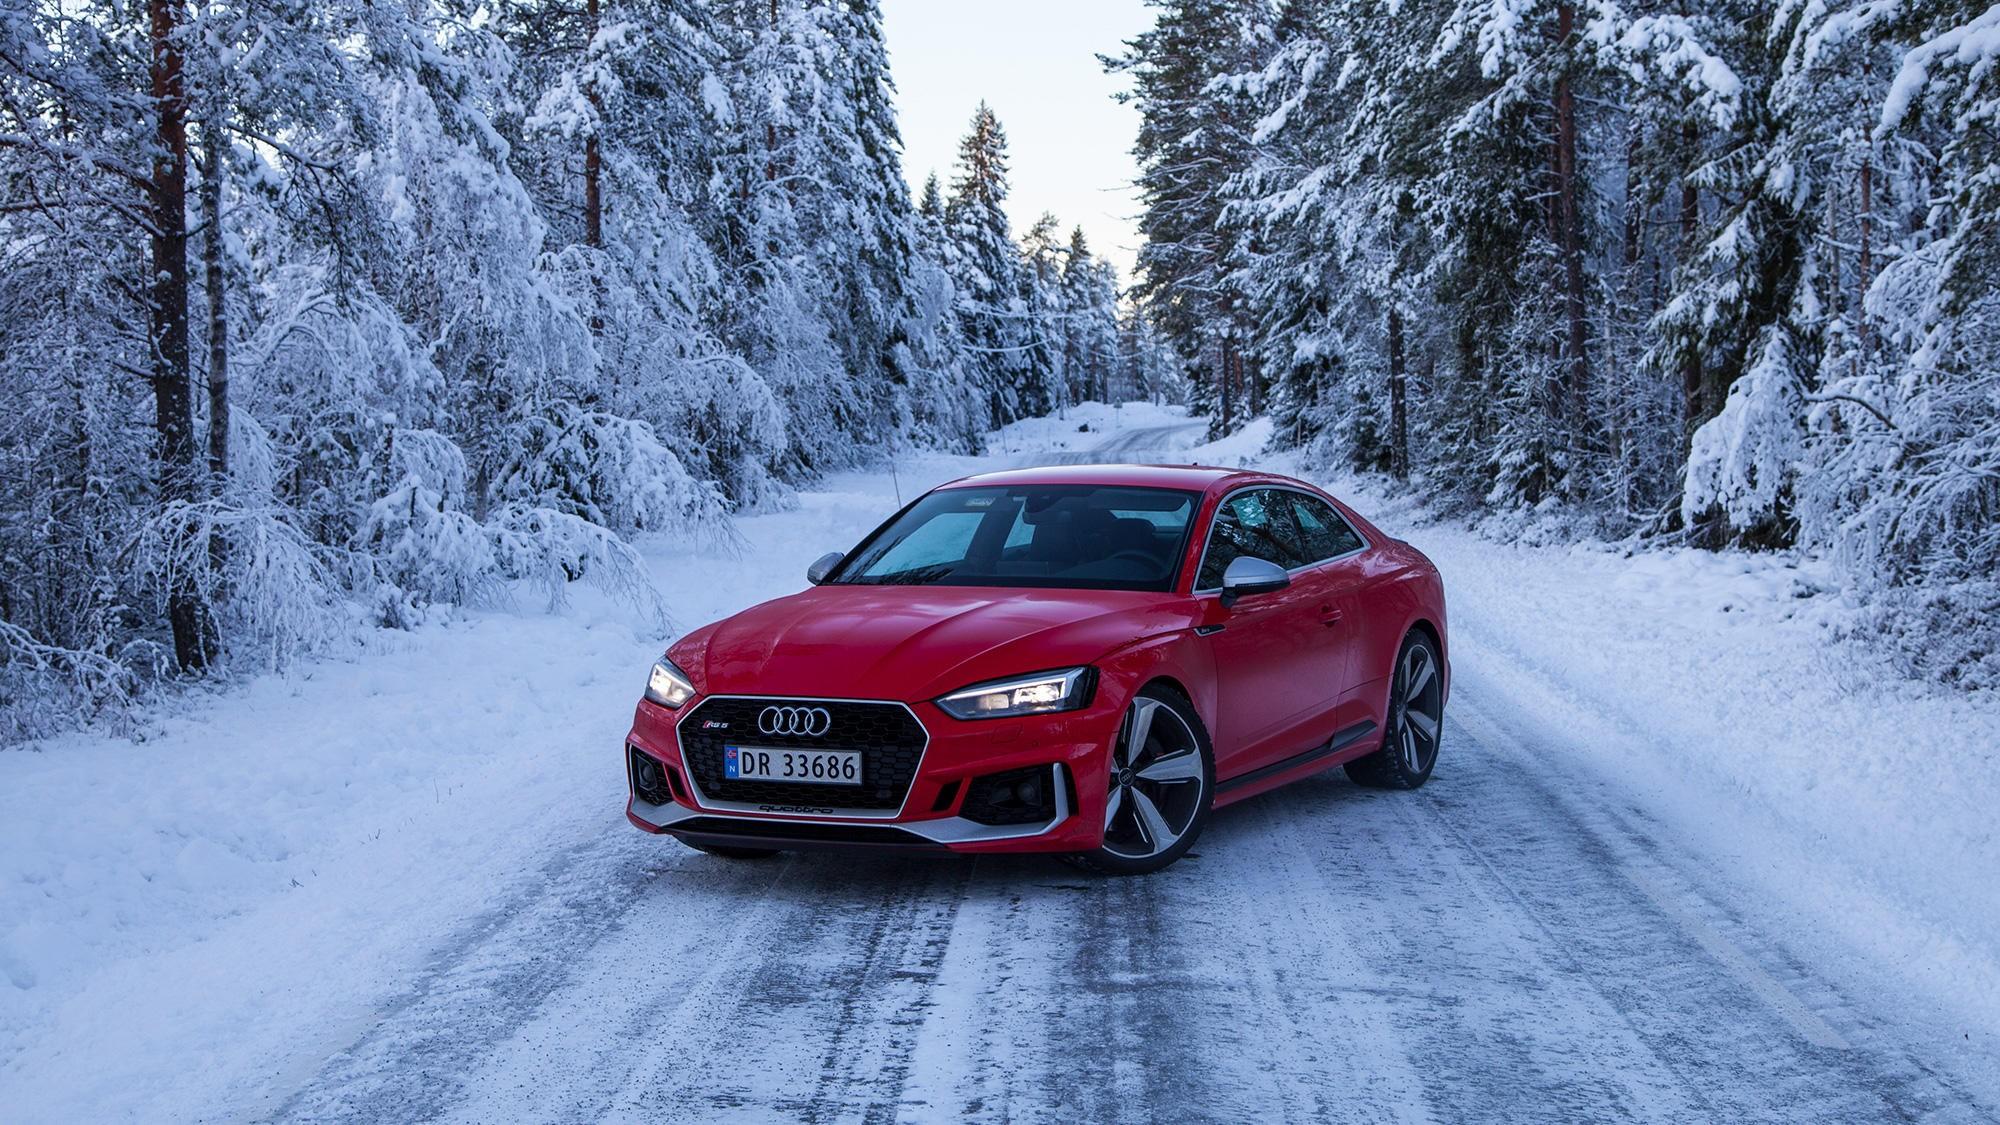 Etter å ha kjørt nye Audi RS5 sa vi at dette kanskje var vår nye favorittbil. Men ser vi tilbake på 2017, har det vært mange høydepunkter å ta av!